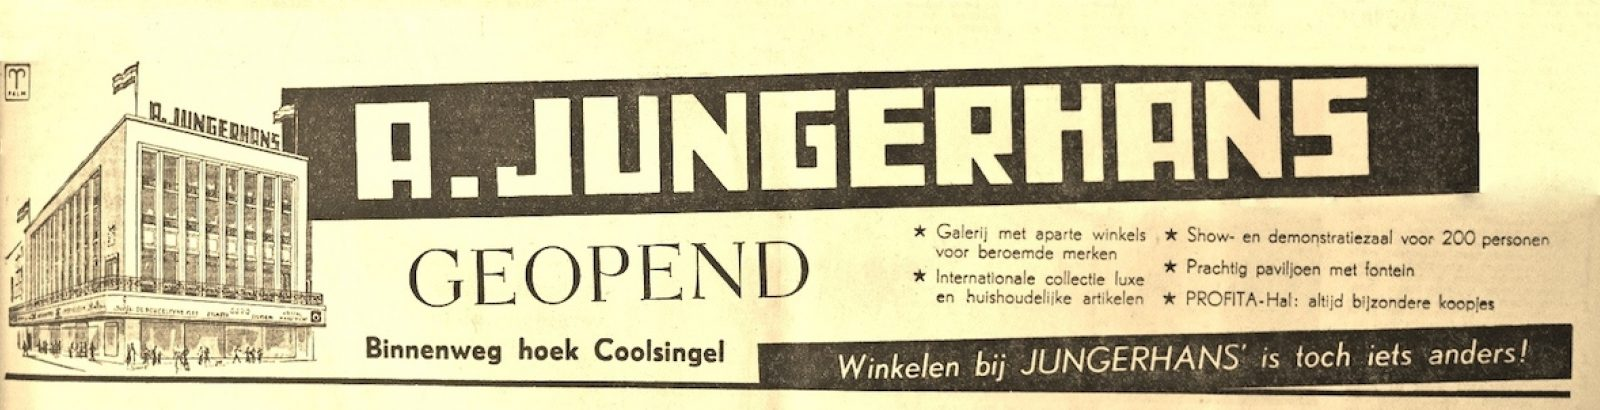 15 jungerhans HR 1953 06 26